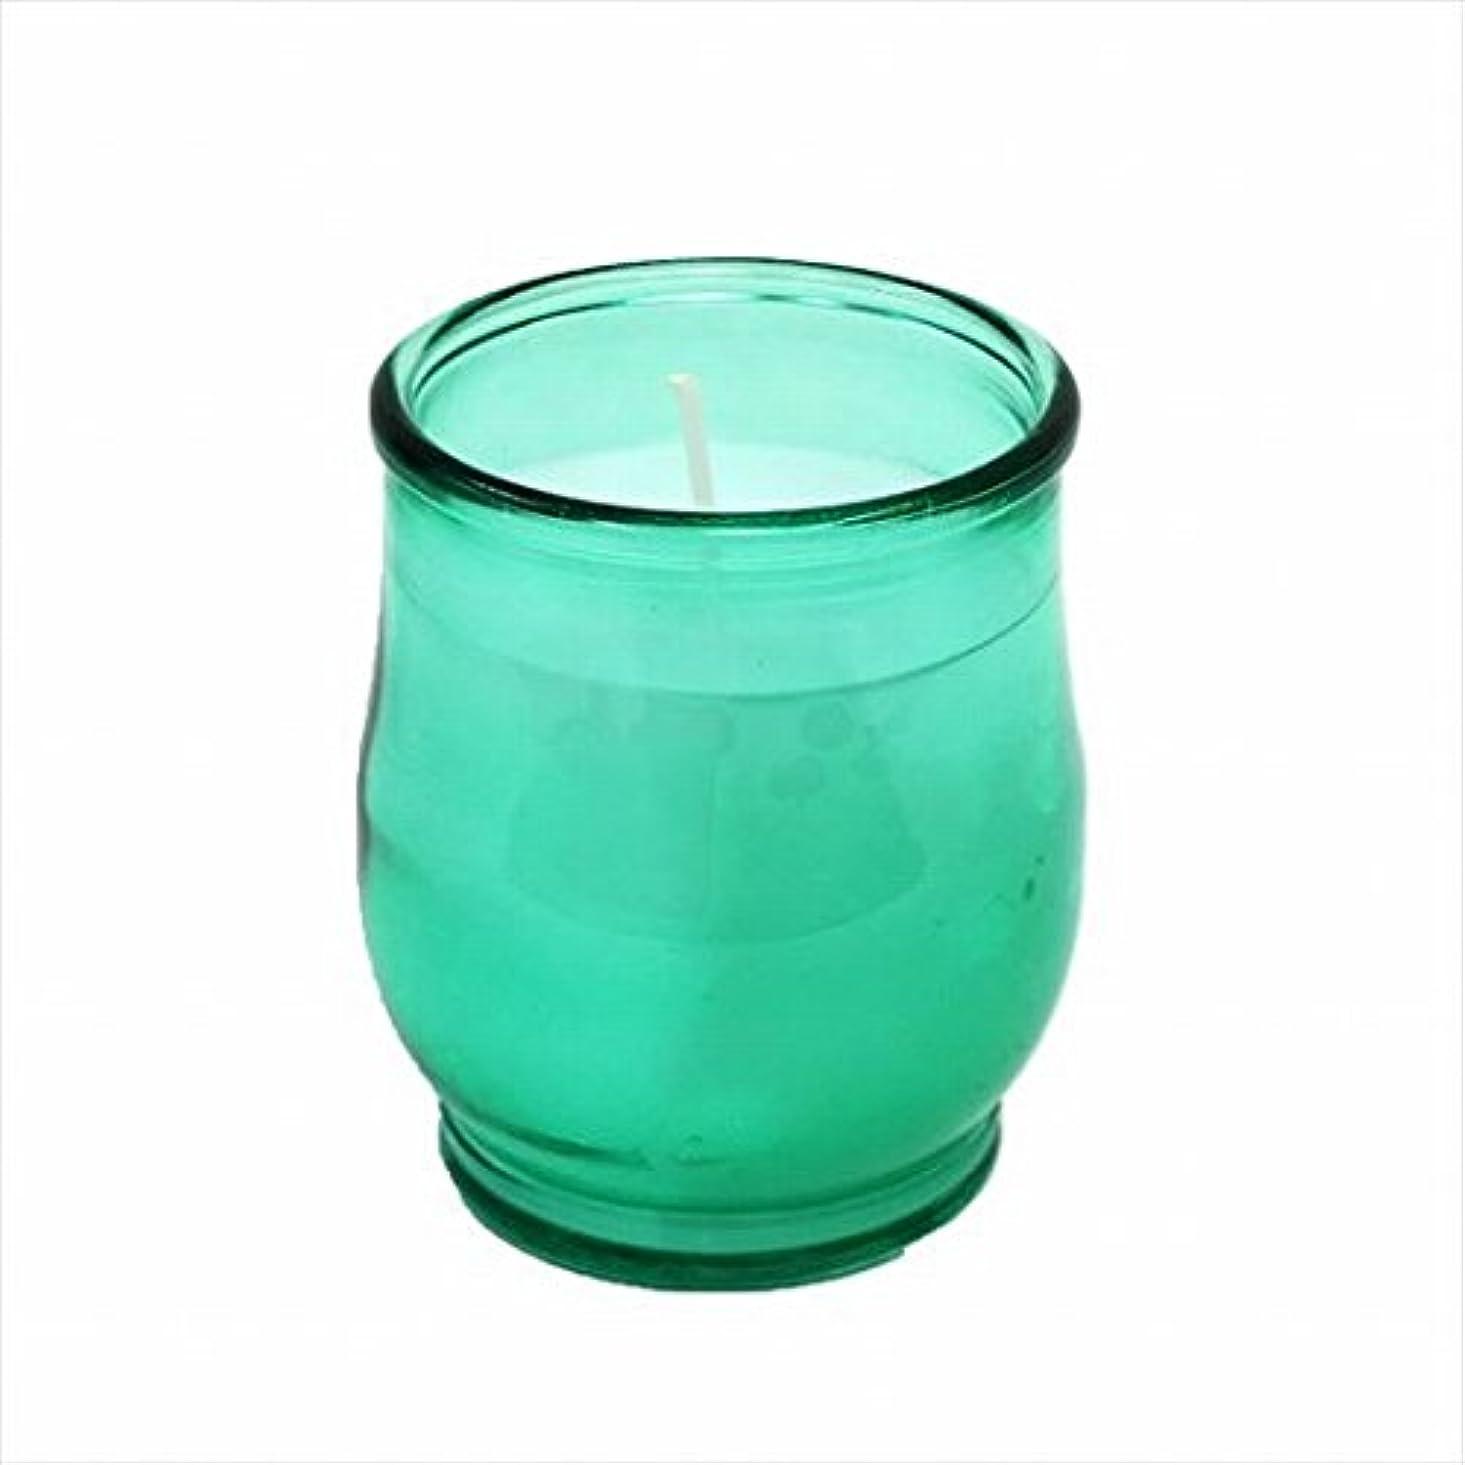 ふざけた努力する技術カメヤマキャンドル(kameyama candle) ポシェ(非常用コップローソク) 「 グリーン(ライトカラー) 」